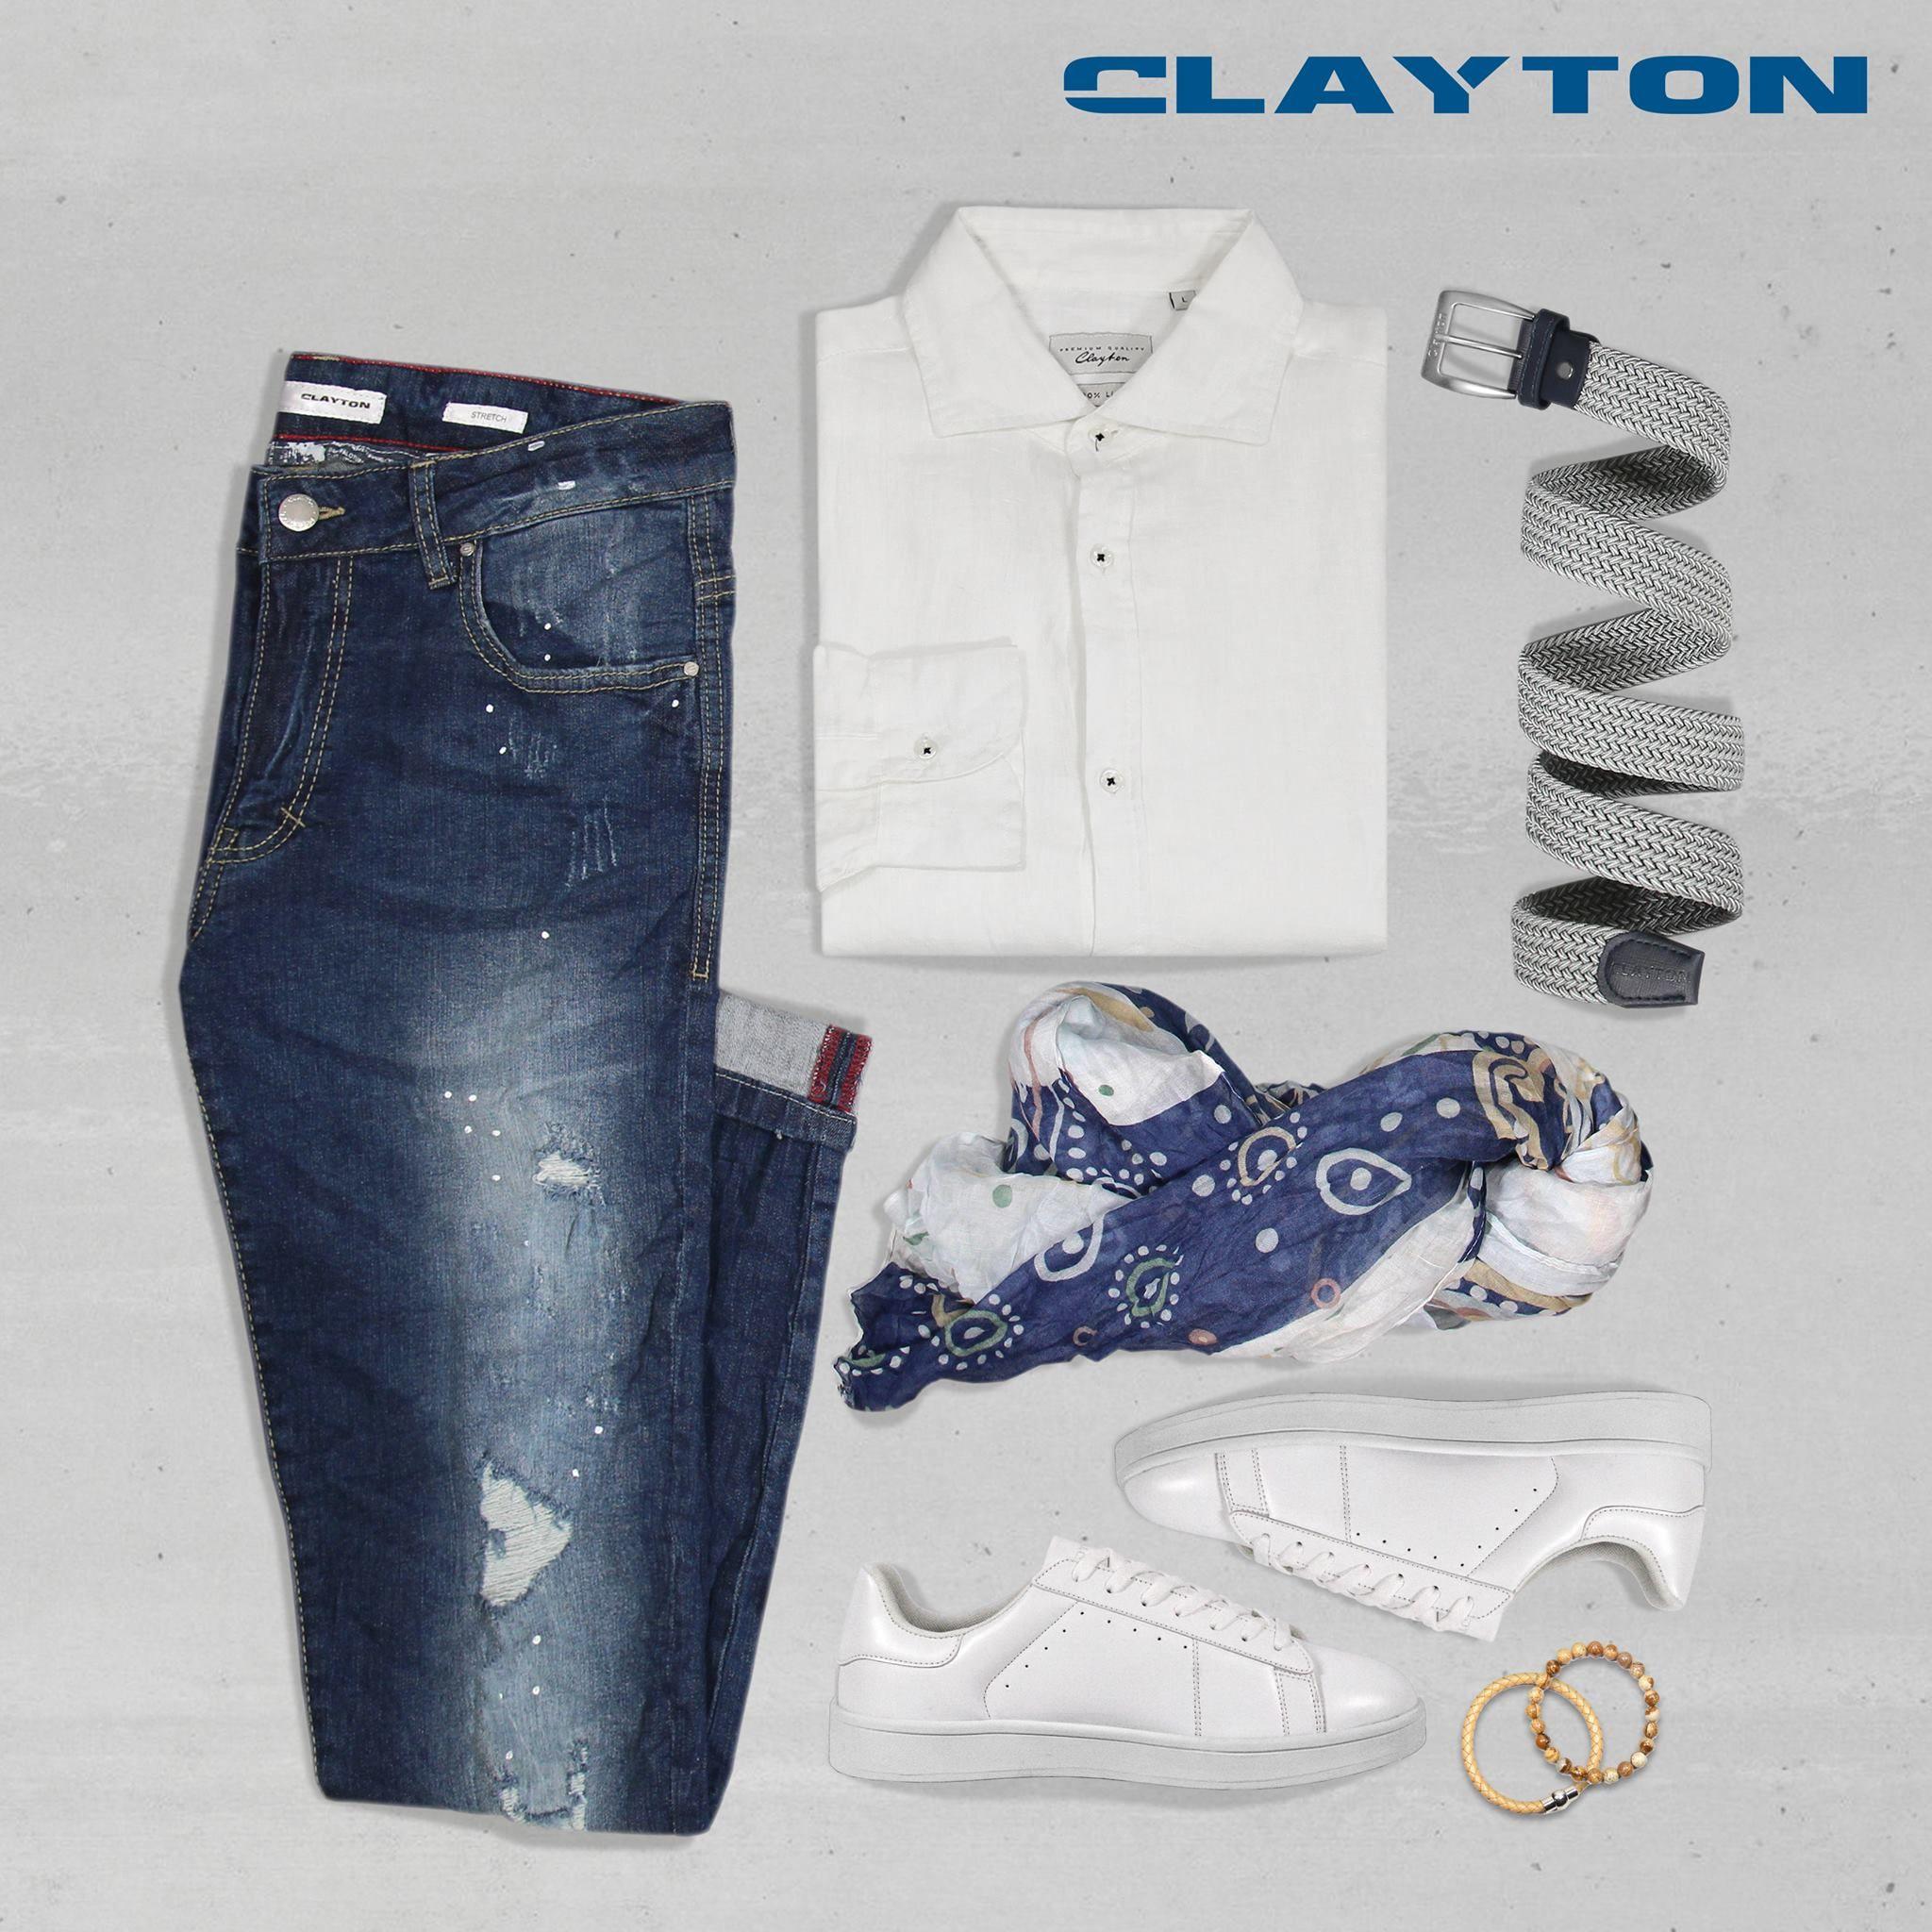 outfitgrid #claytonitalia #menswear #abbigliamento #moda